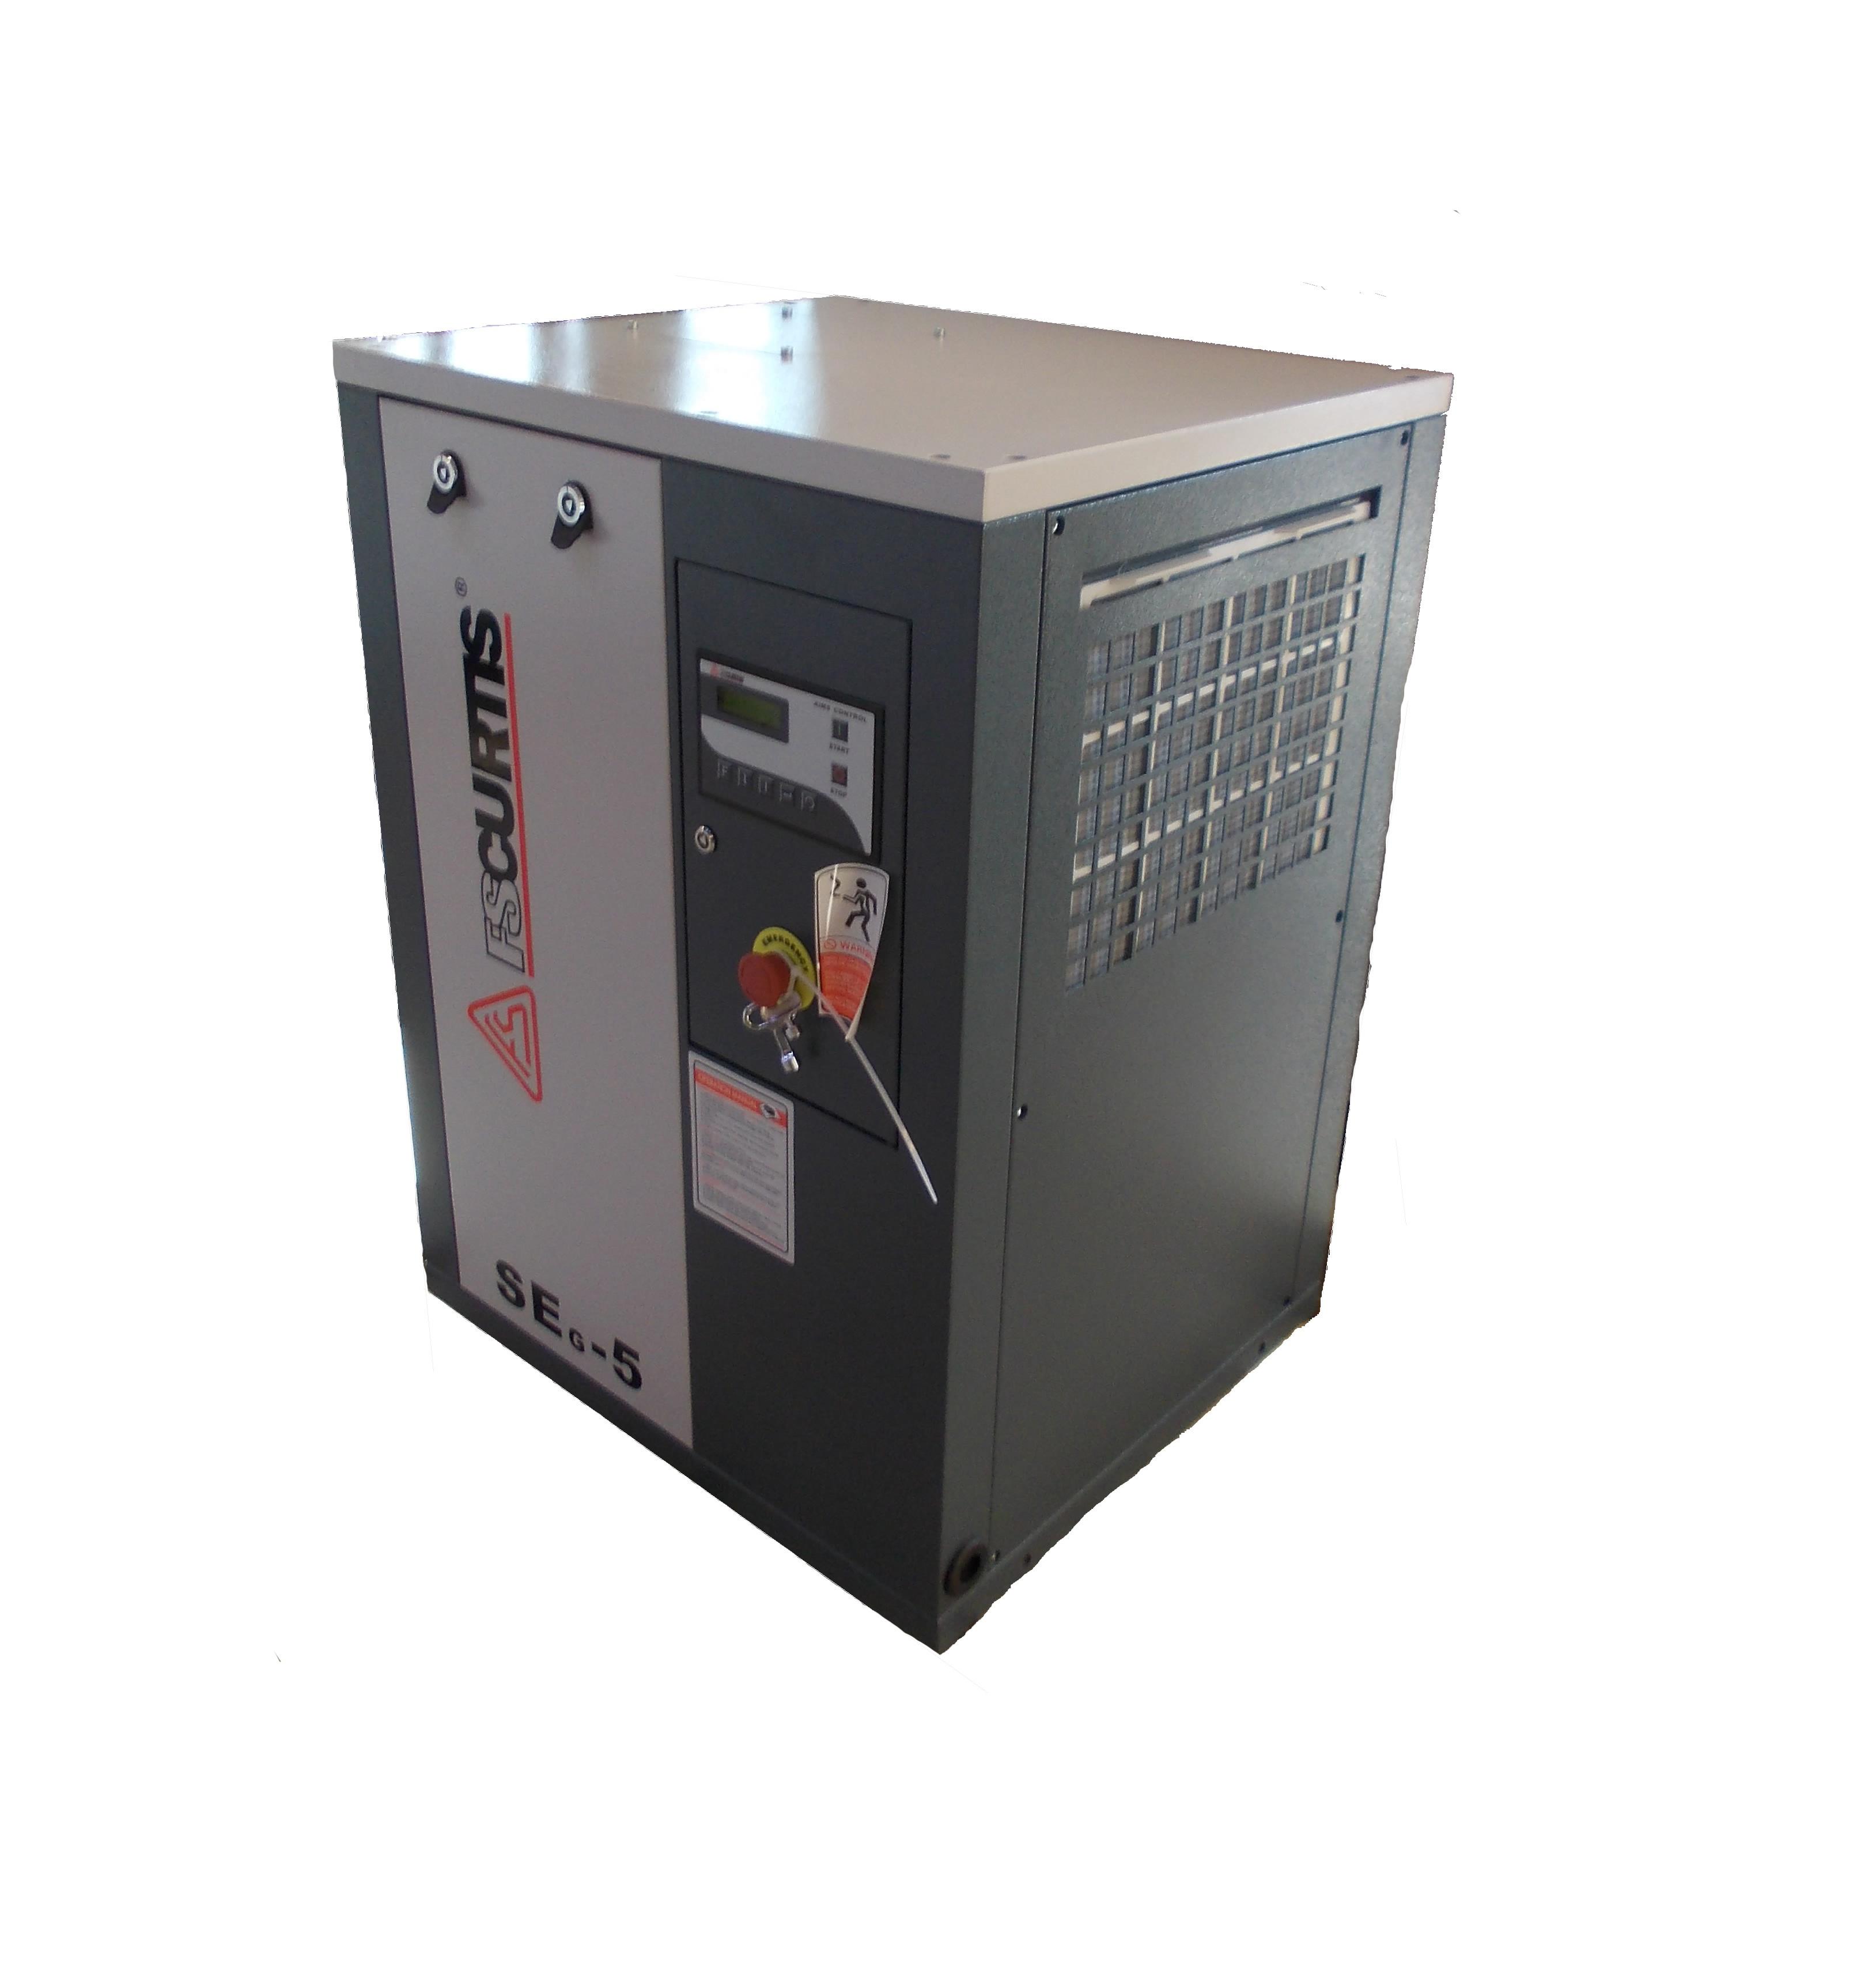 Compresor-tornillo-seg10-10bar3005130152bloquead